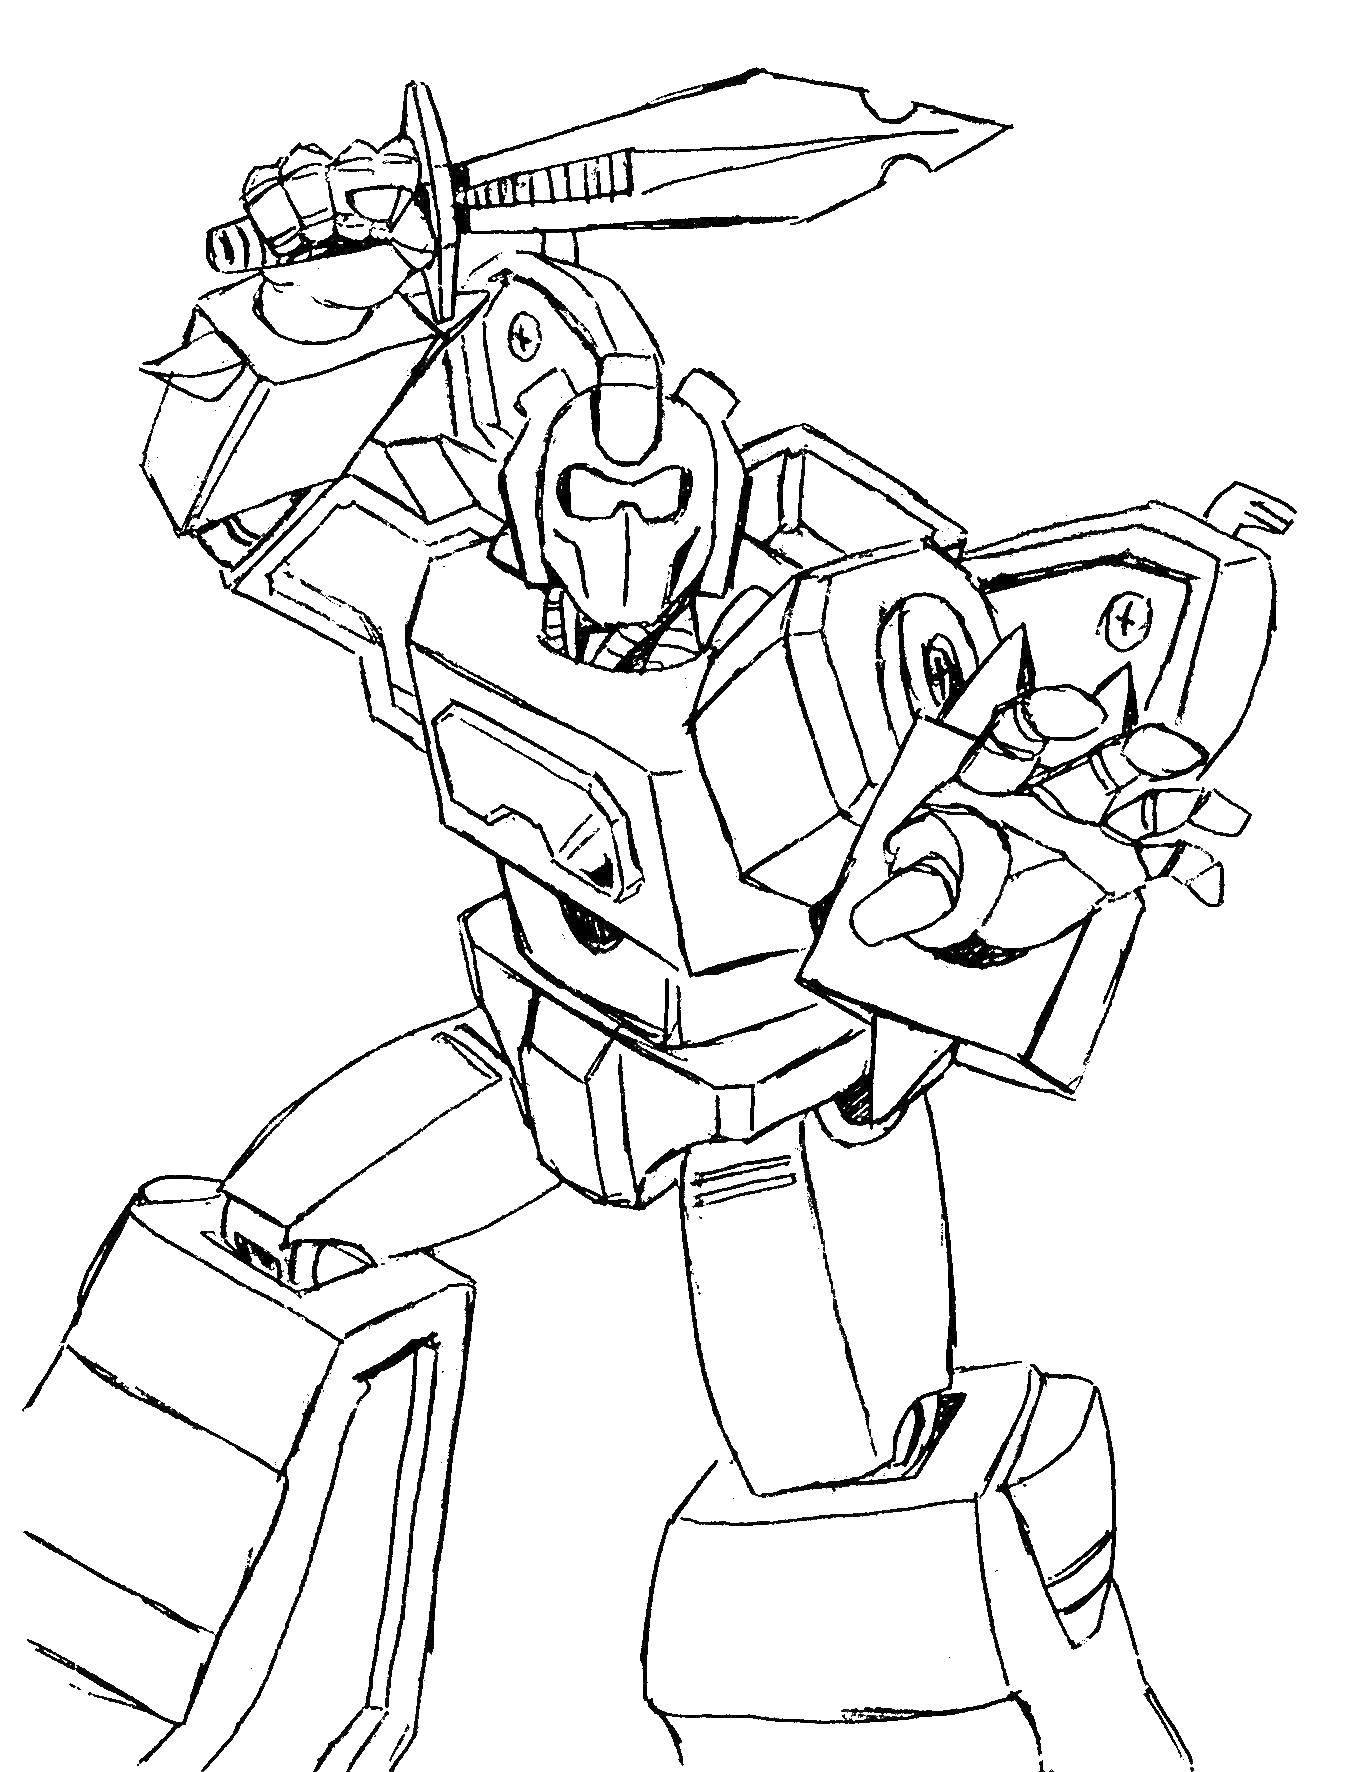 Раскраска Трансформер с мечом Скачать ,роботы, трасформеры,.  Распечатать